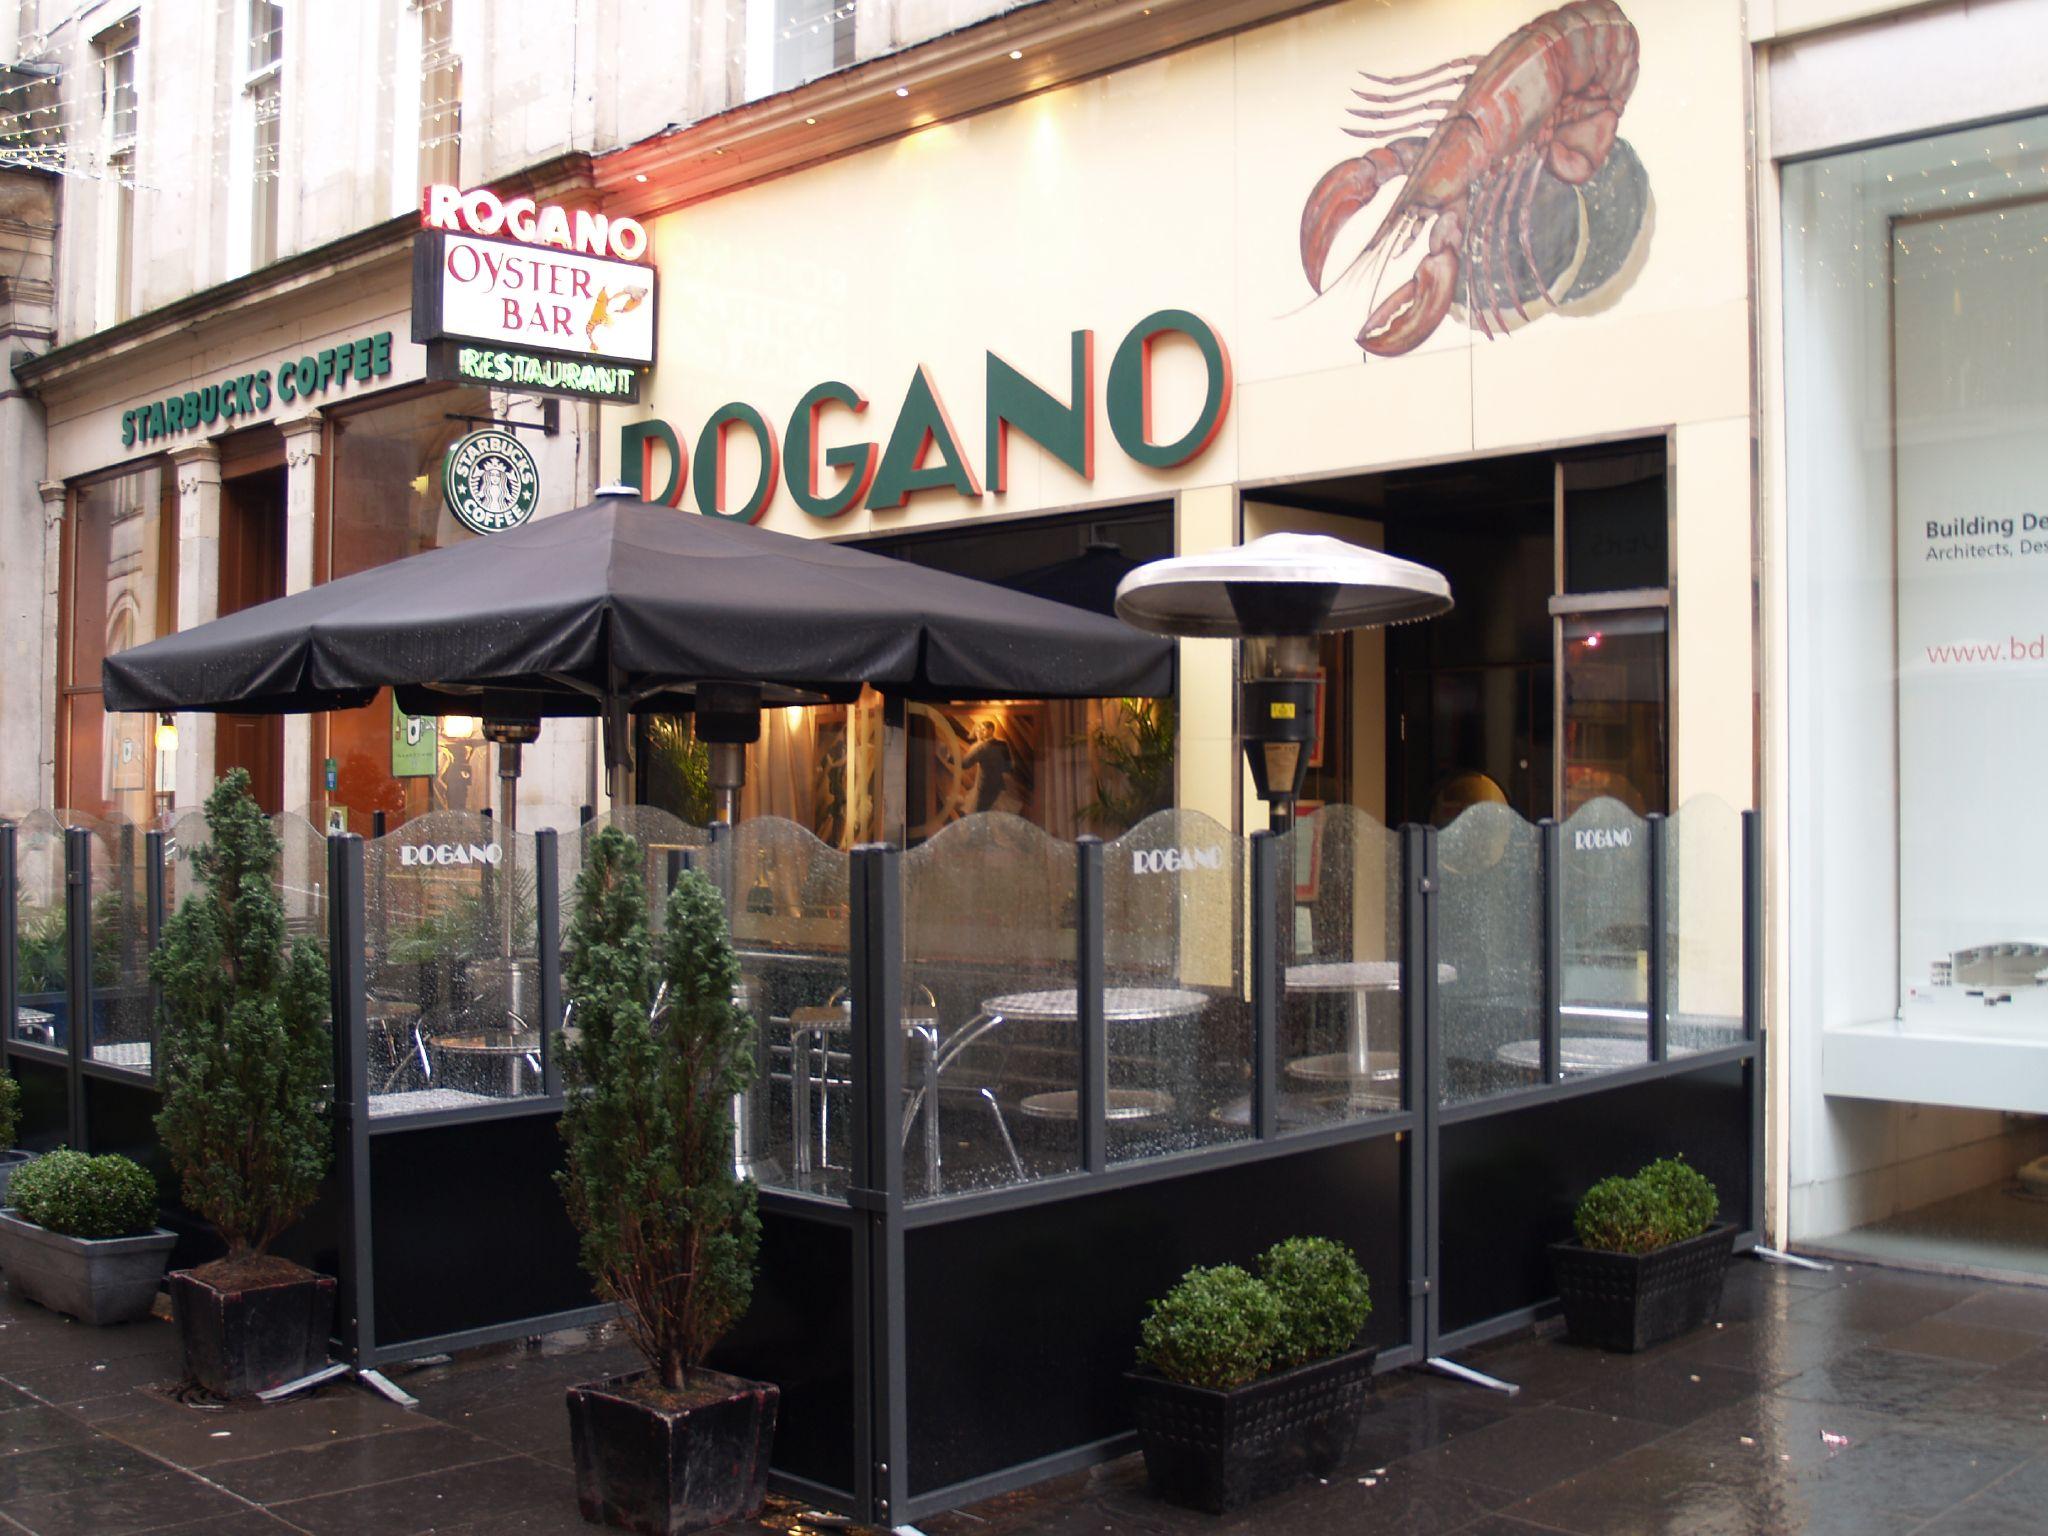 Rogano Oyster Bar Glasgow